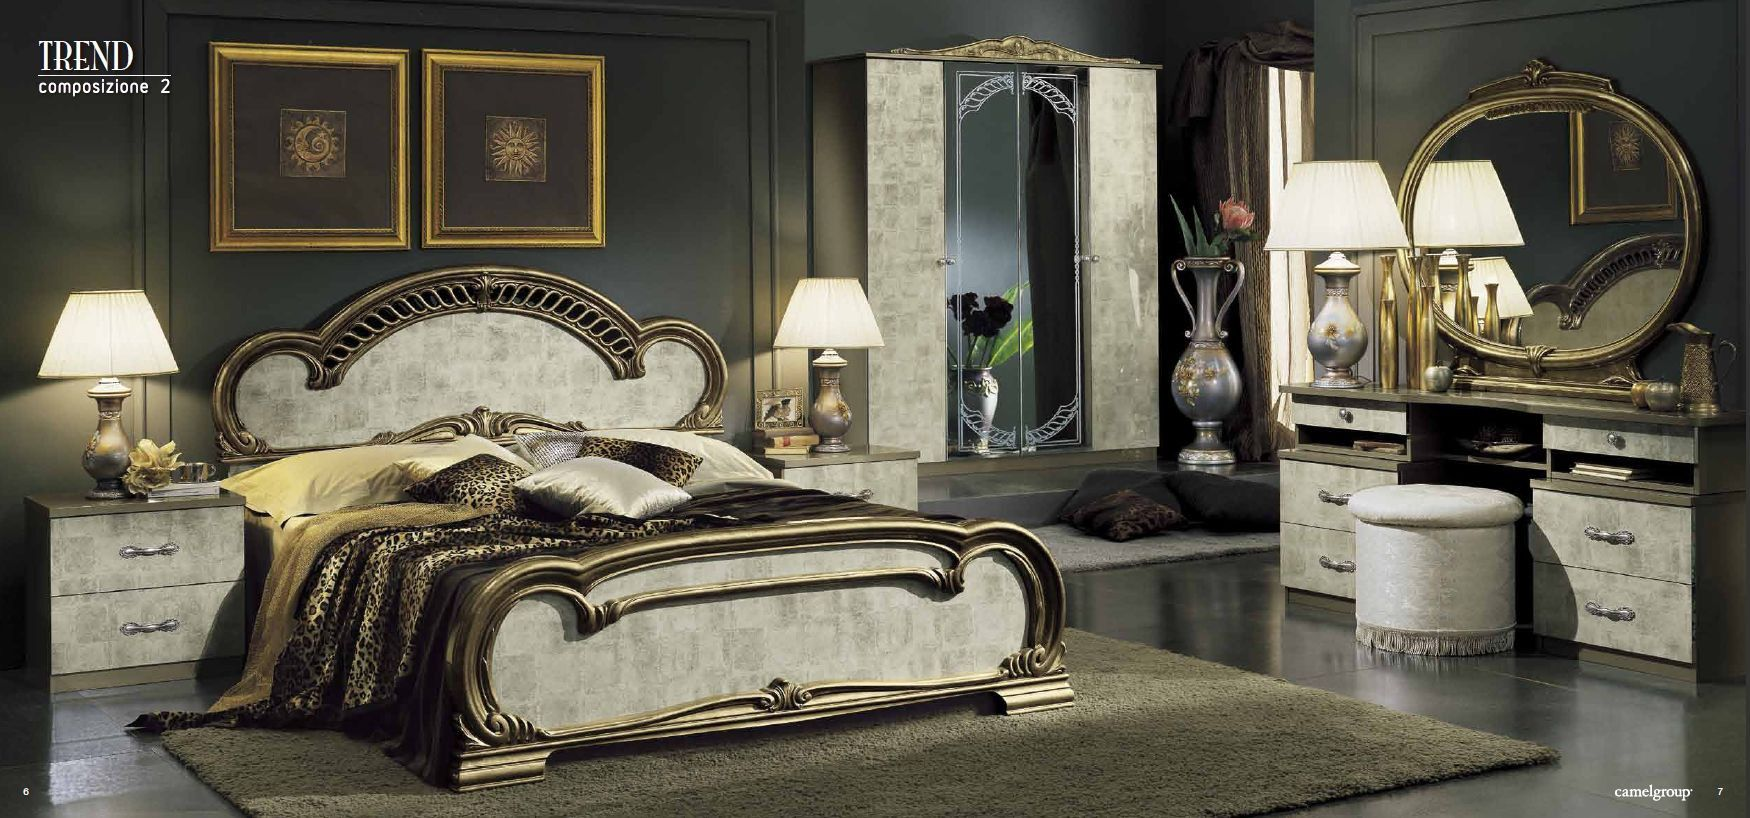 بالصور غرف النوم ايطالية فاخرة , غرف نوم تجنن 7128 3